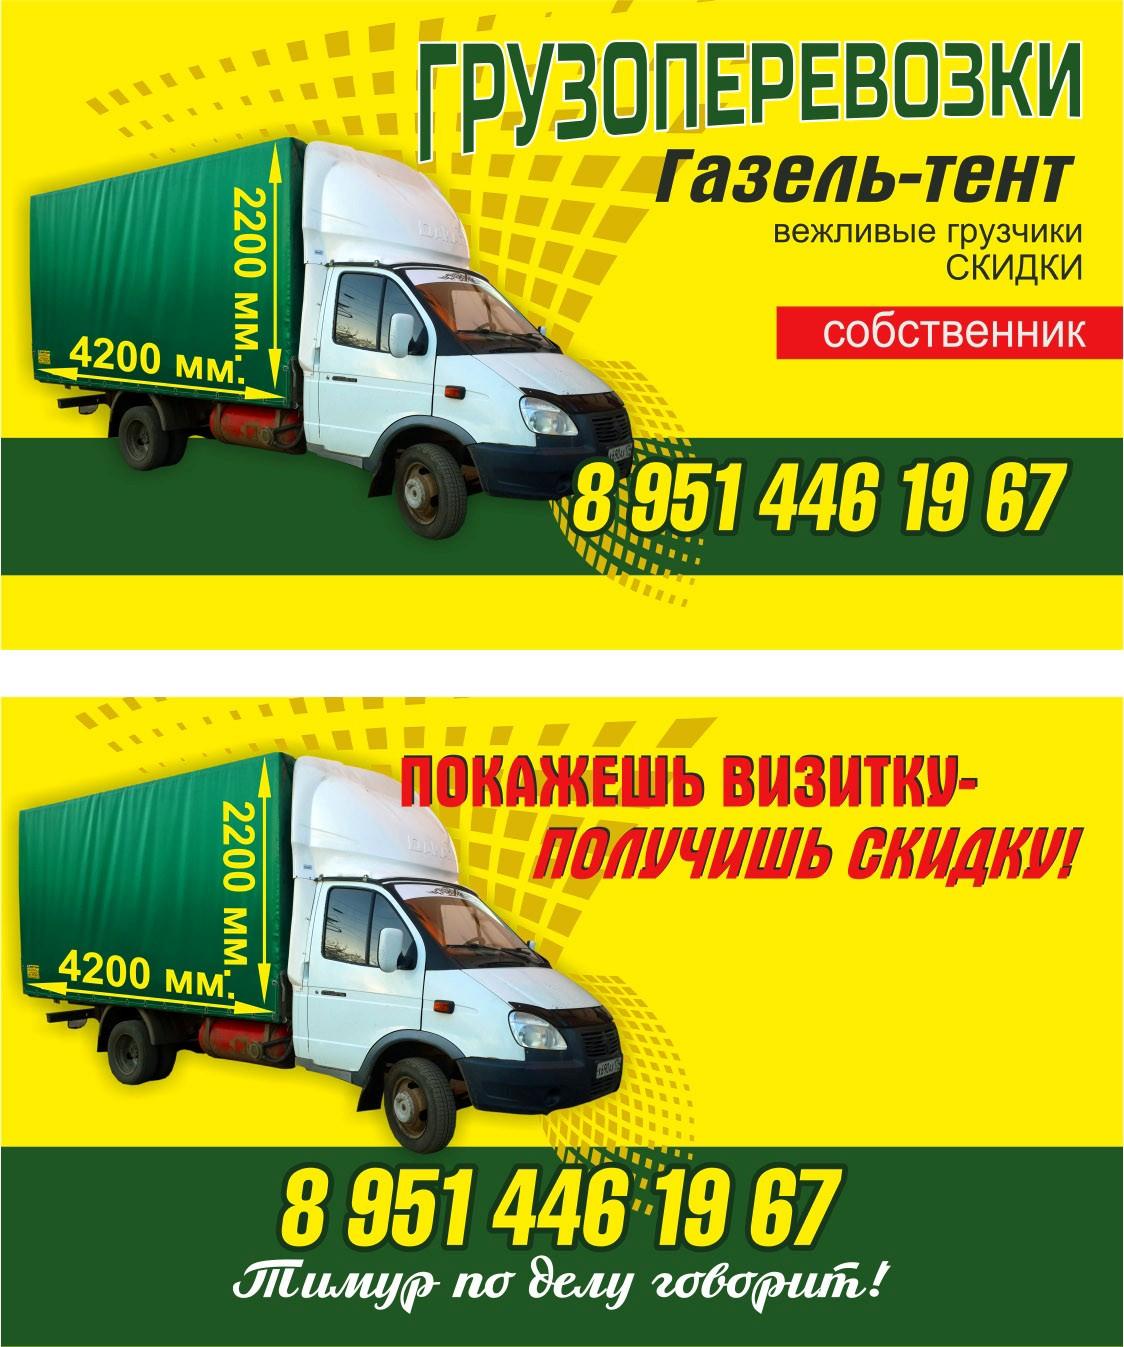 Визитки для грузоперевозок в Москве | фото 6